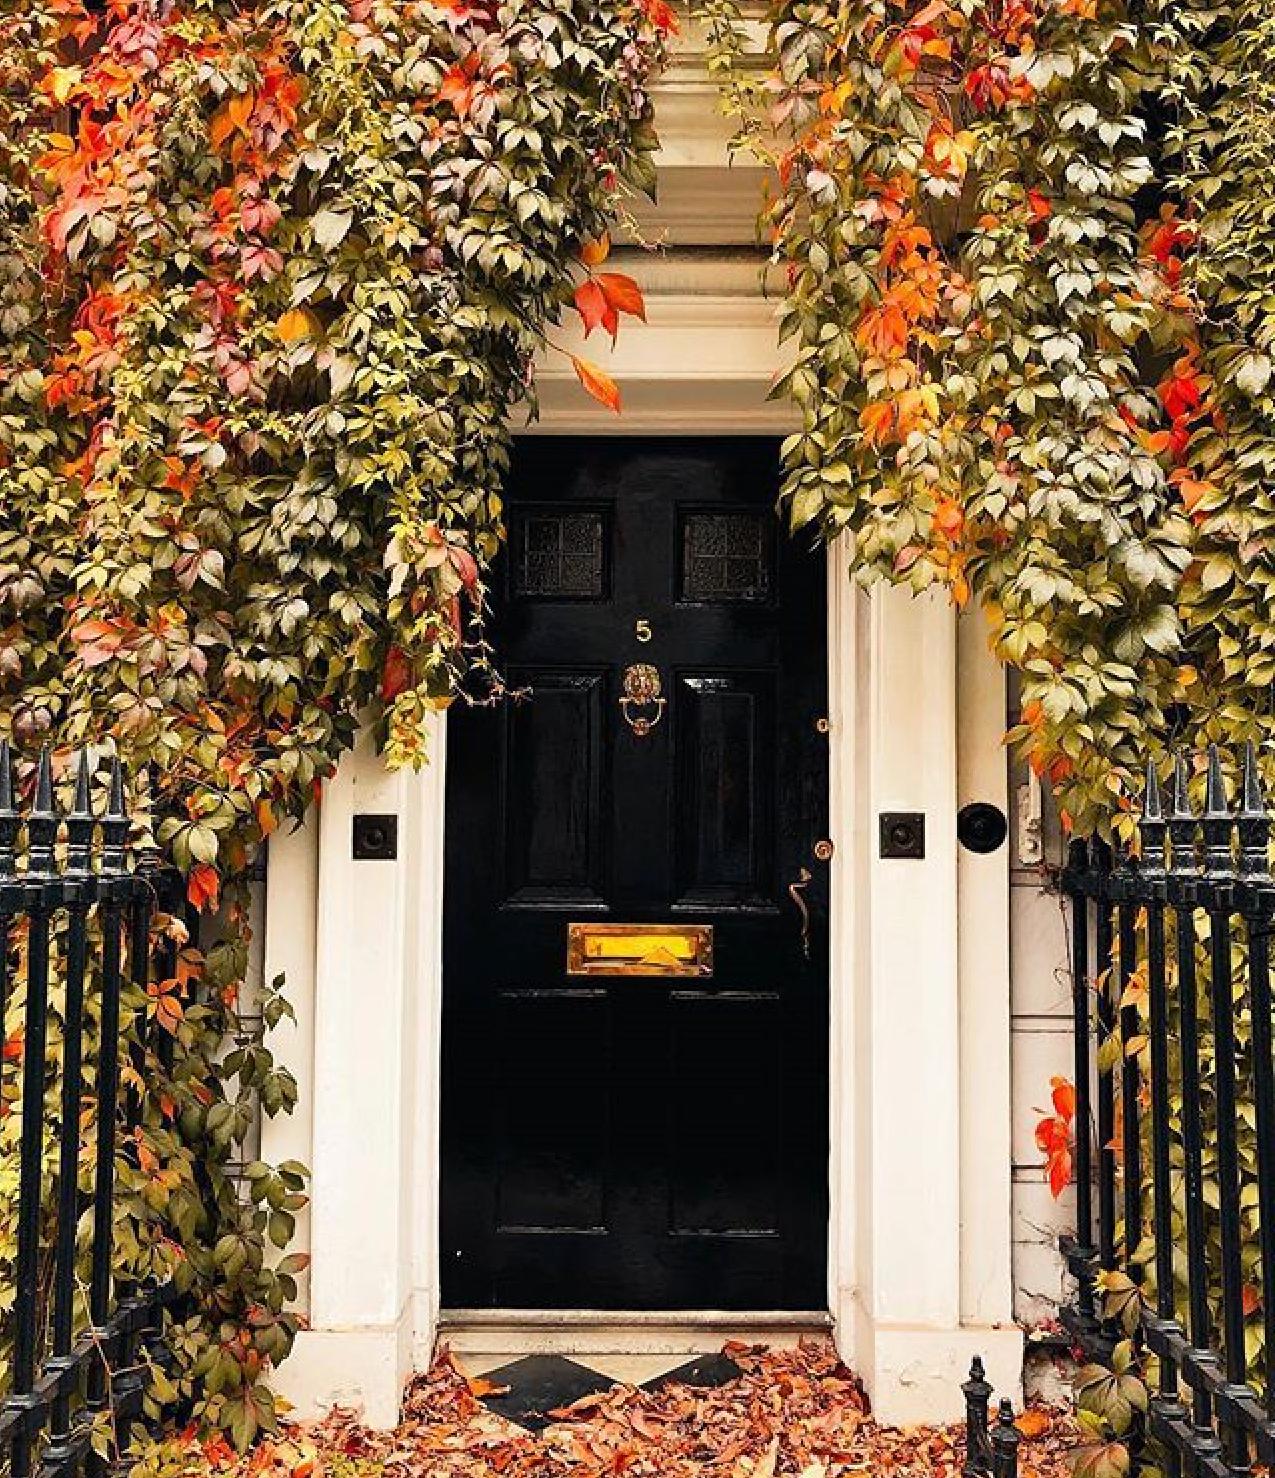 casas perdidas em tons de outono